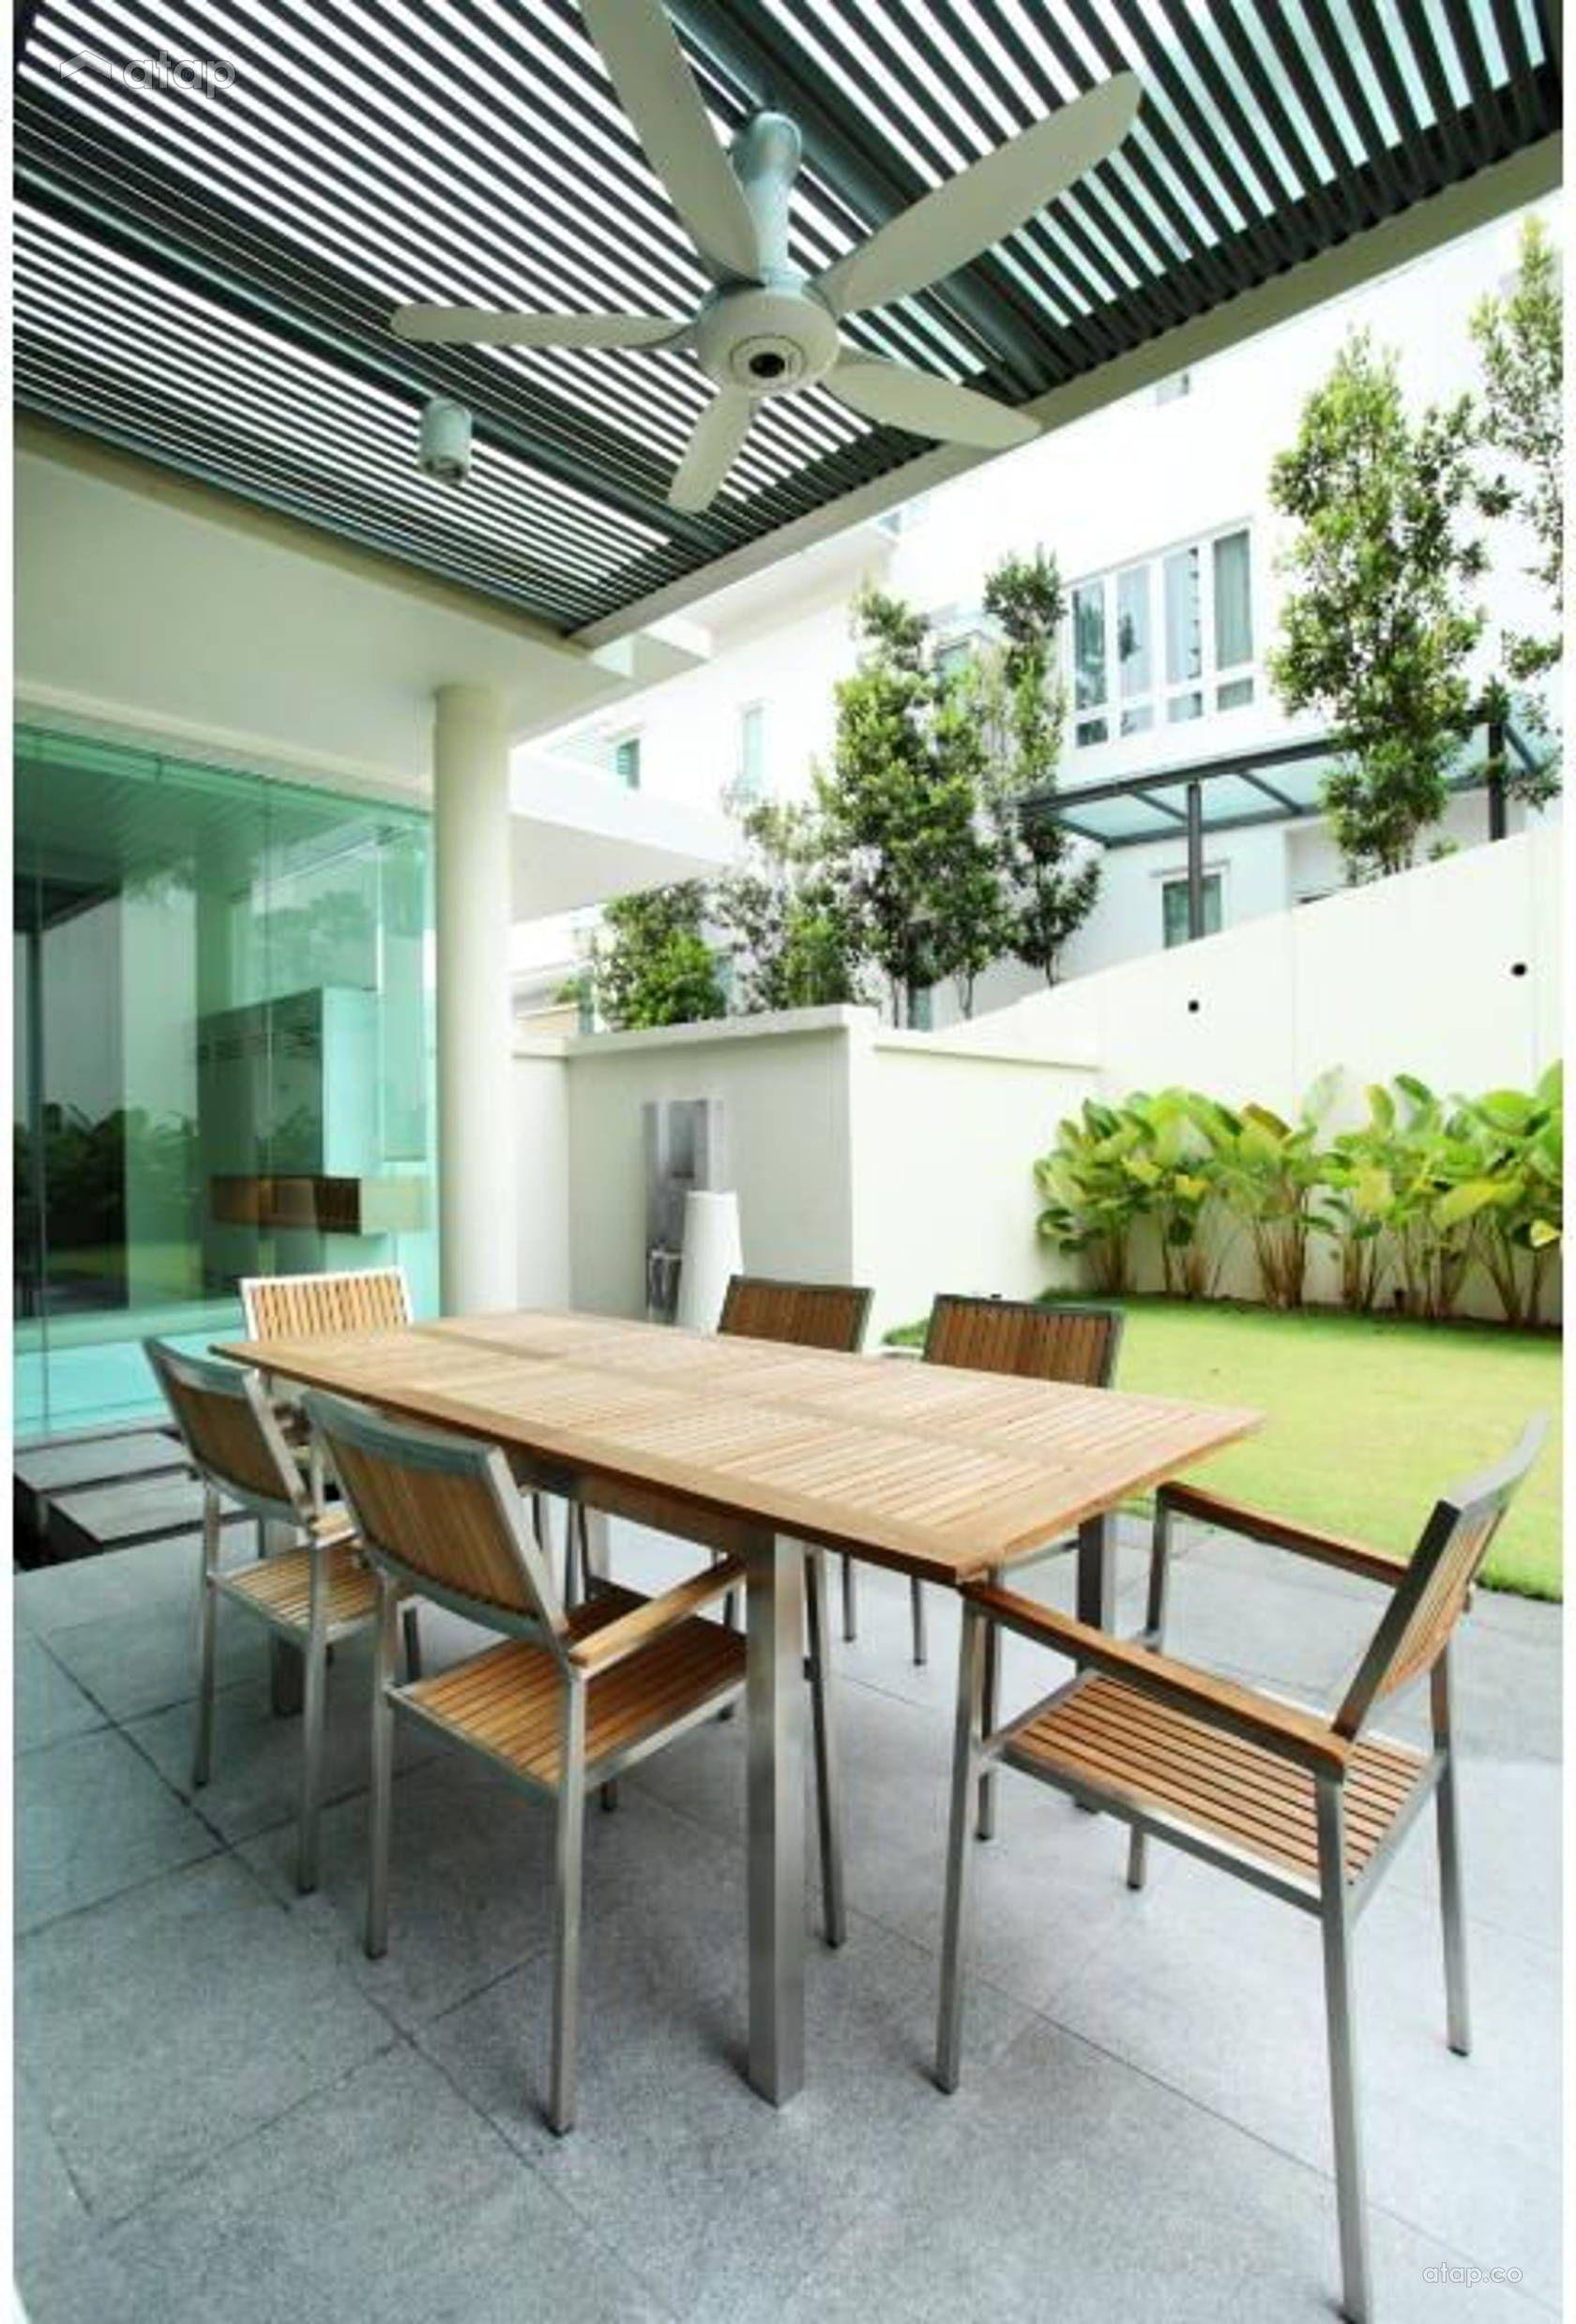 Malaysian Home Garden Ideas To Inspire Your Space Bungalow Design House Renovation Design Modern Garden Design